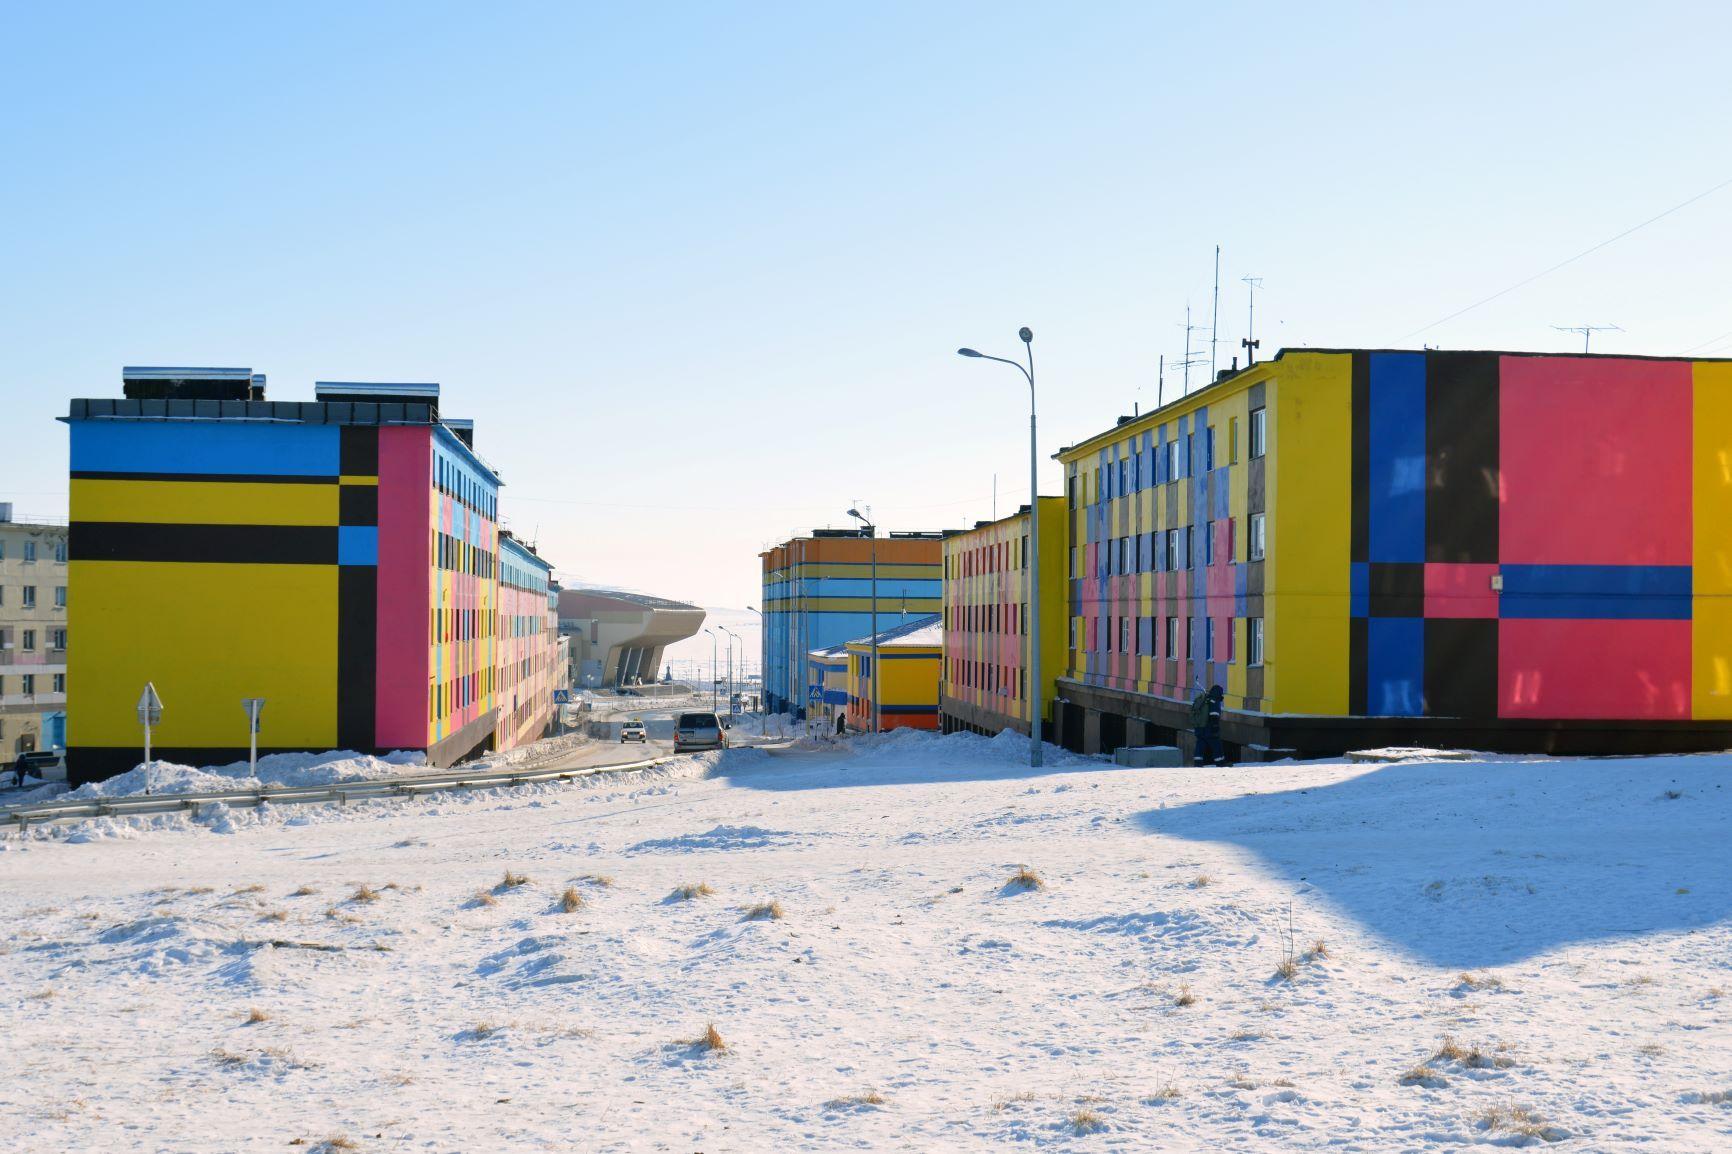 Исследование: Концепция создания молодежного центра в г. Анадырь Чукотского автономного округа